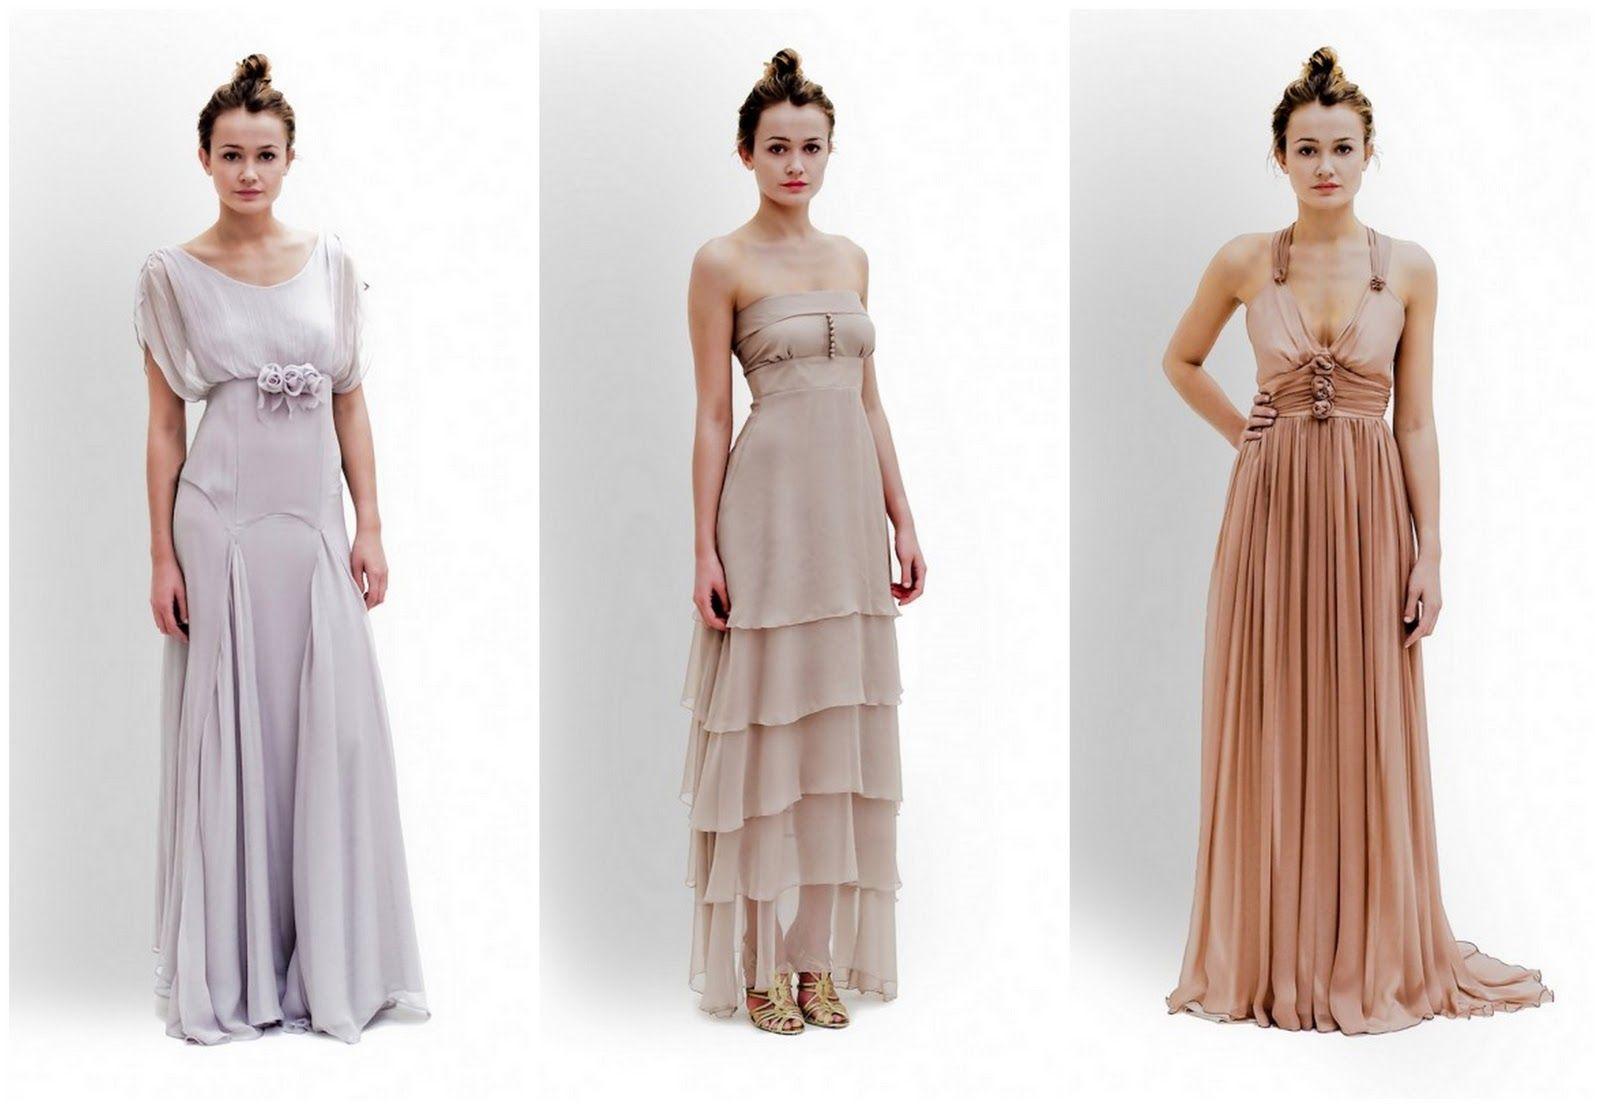 http://www.abiaweddings.co.za/wp-content/uploads/2012/03/Belle-Bunty-Wedding-Dress.jpg